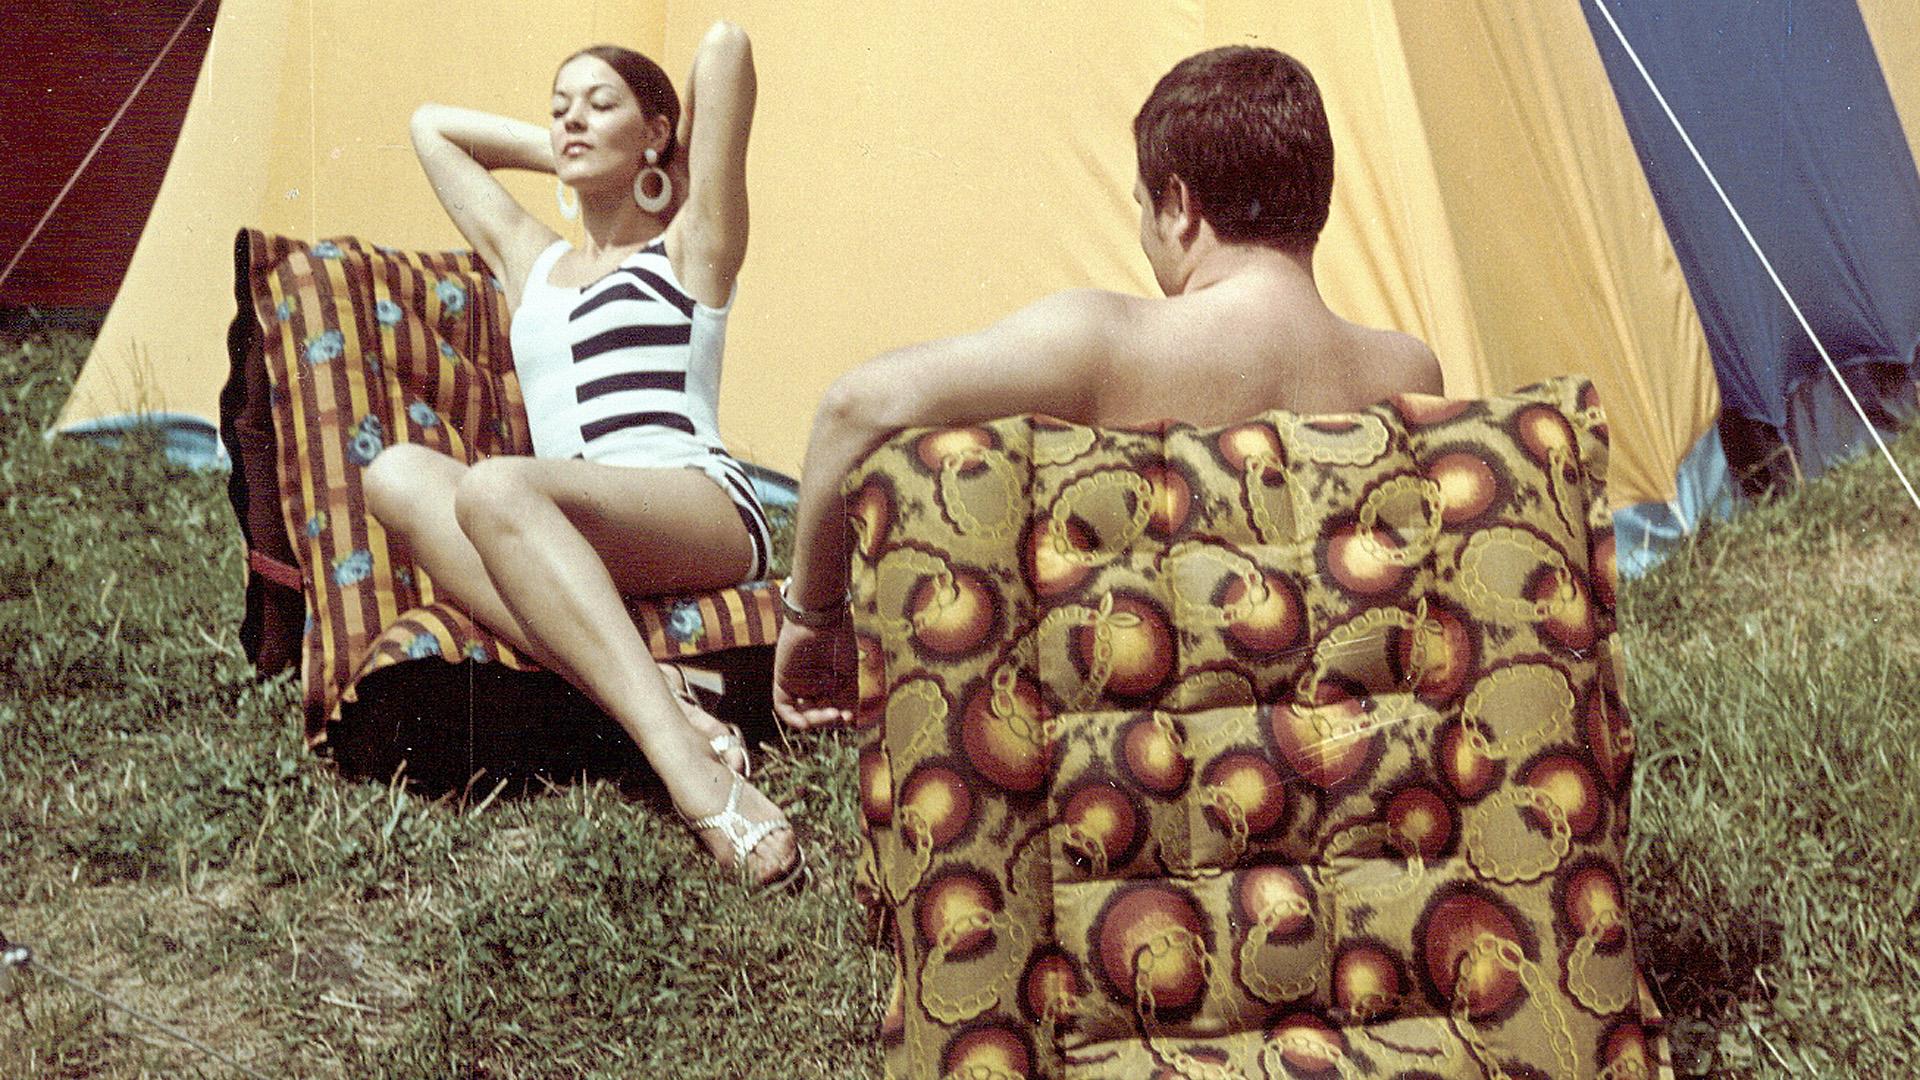 Árad az erotika a szocialista gumimatrac-fotókról